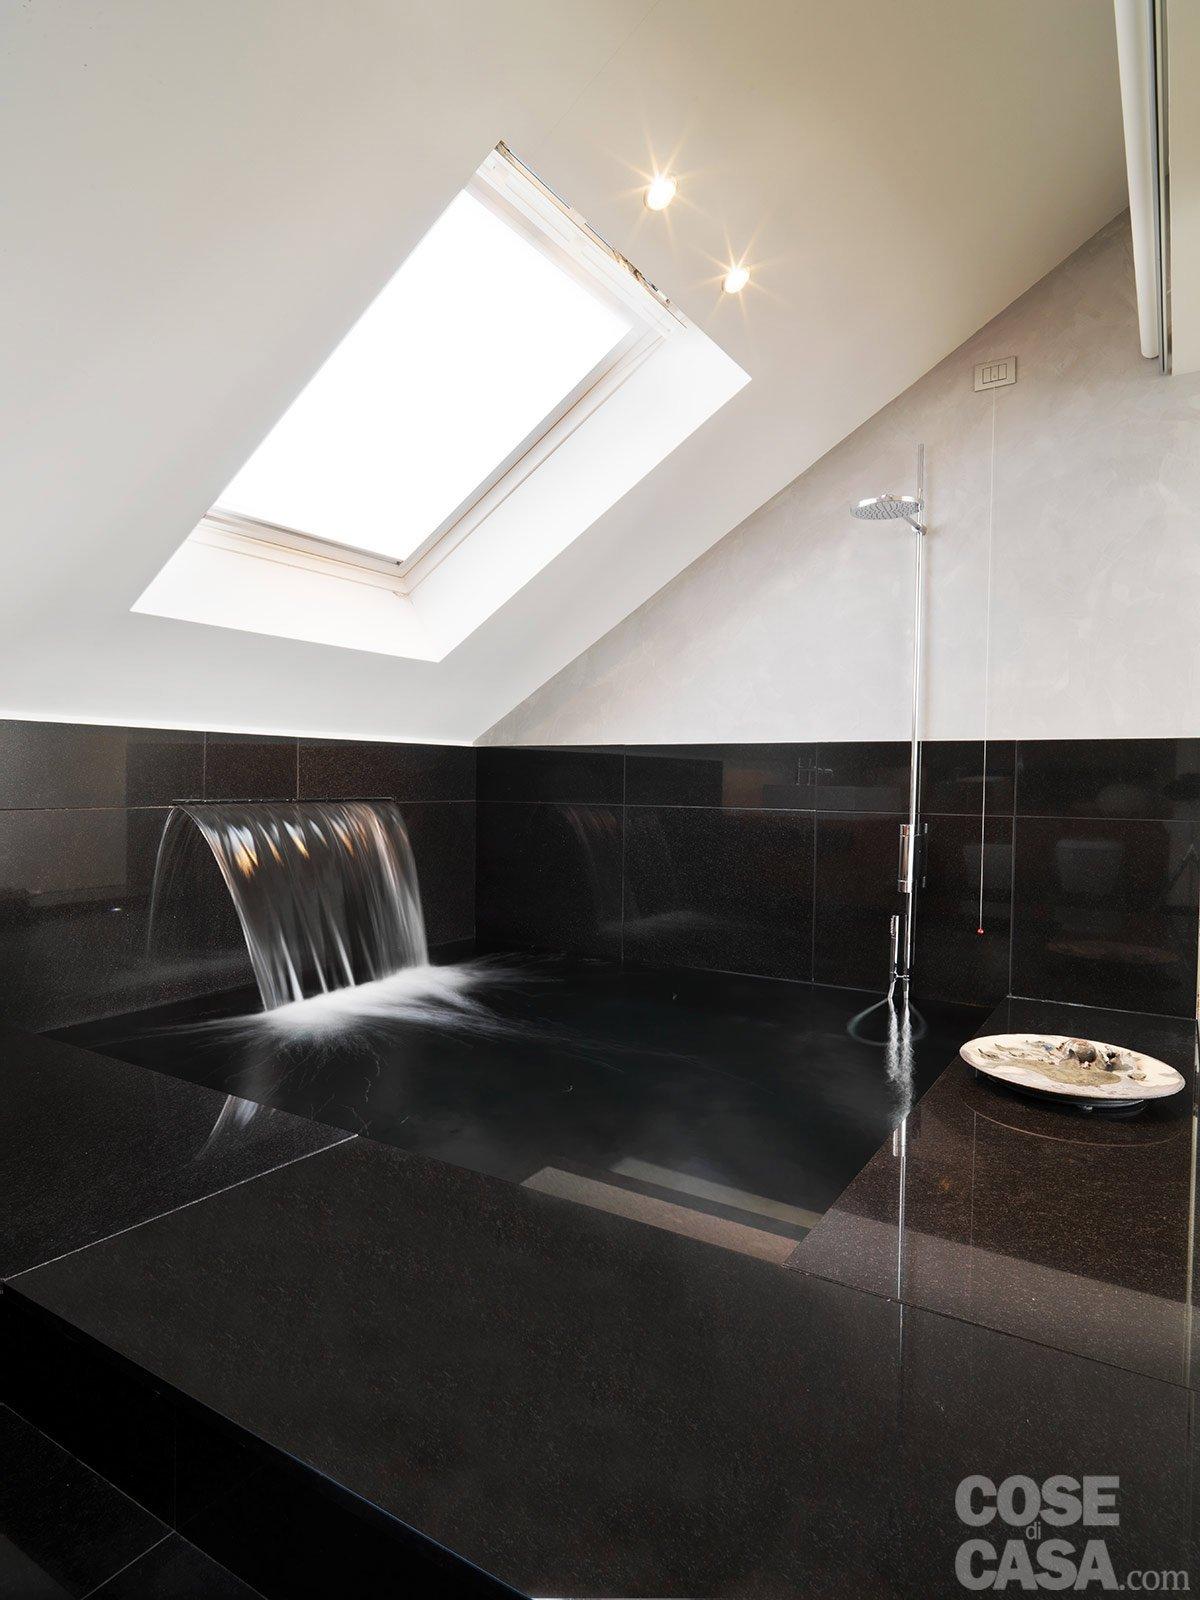 Casa soluzioni hi tech per interni anni 39 30 cose di casa - Sfruttare sottotetto basso ...